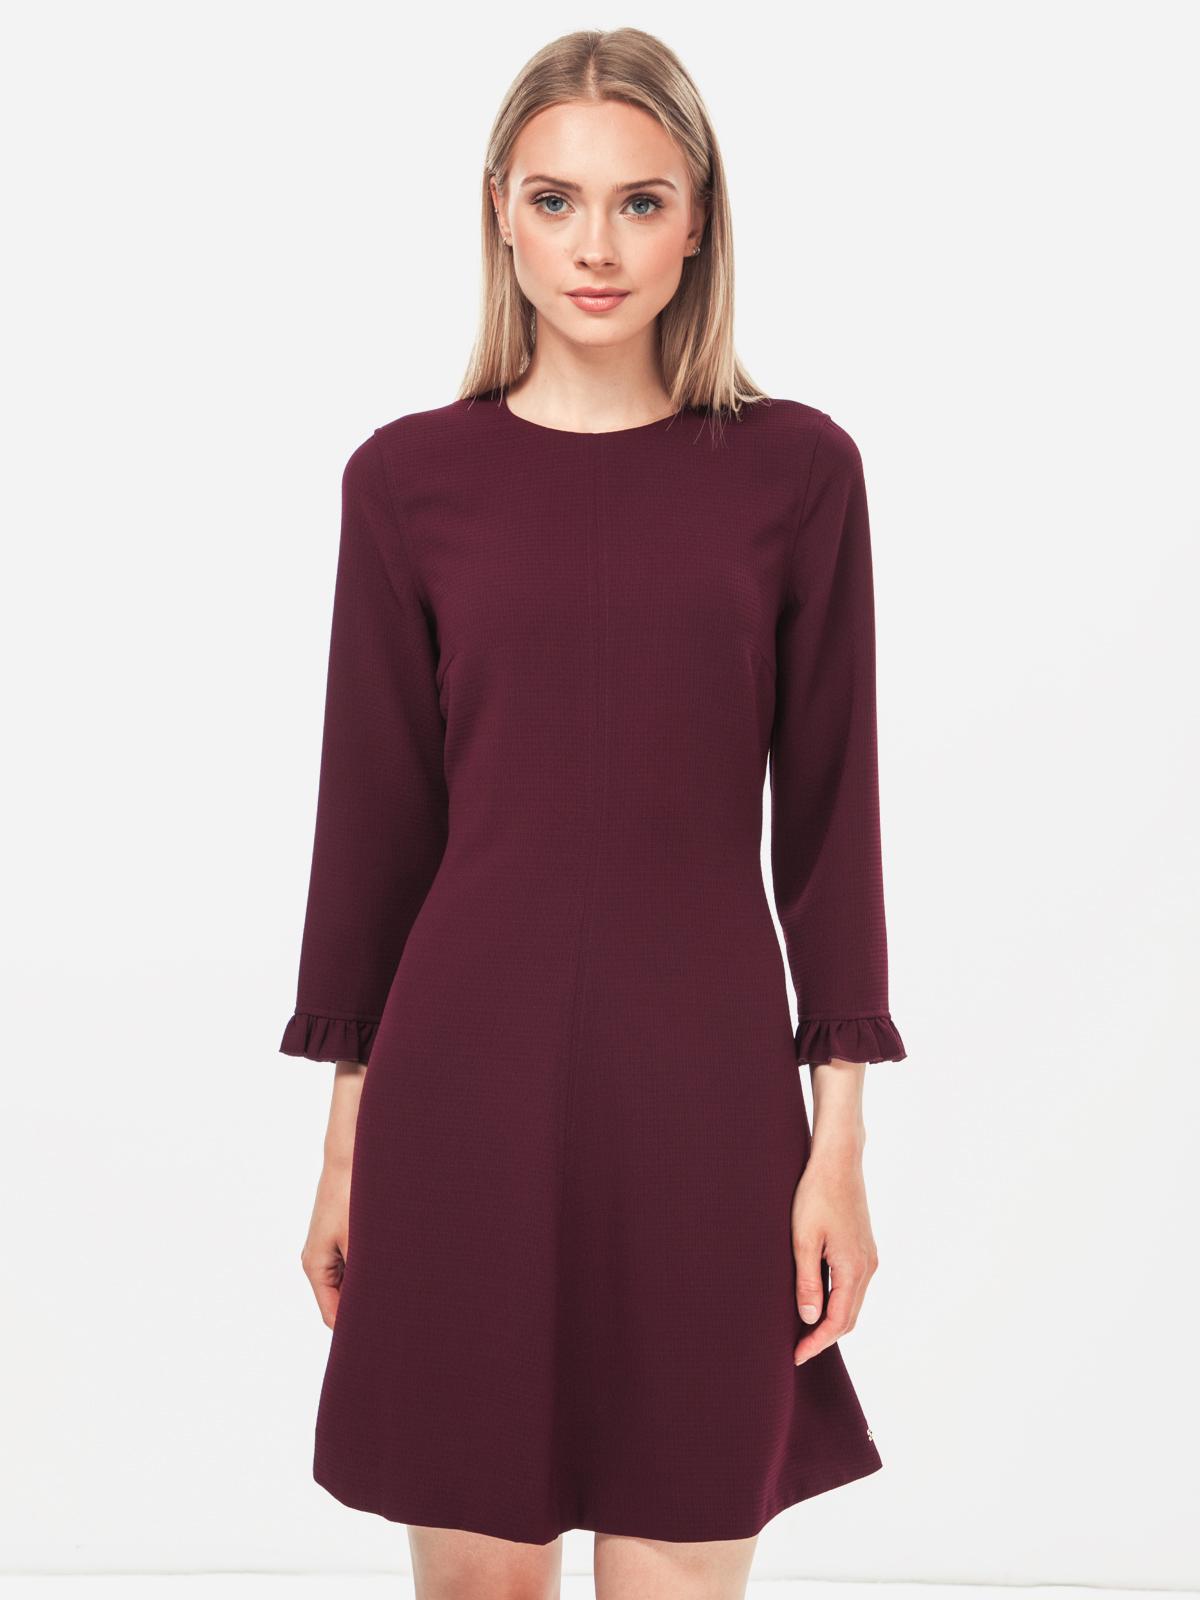 b778951e53a Naiste kleit tommy hilfiger | Newmood